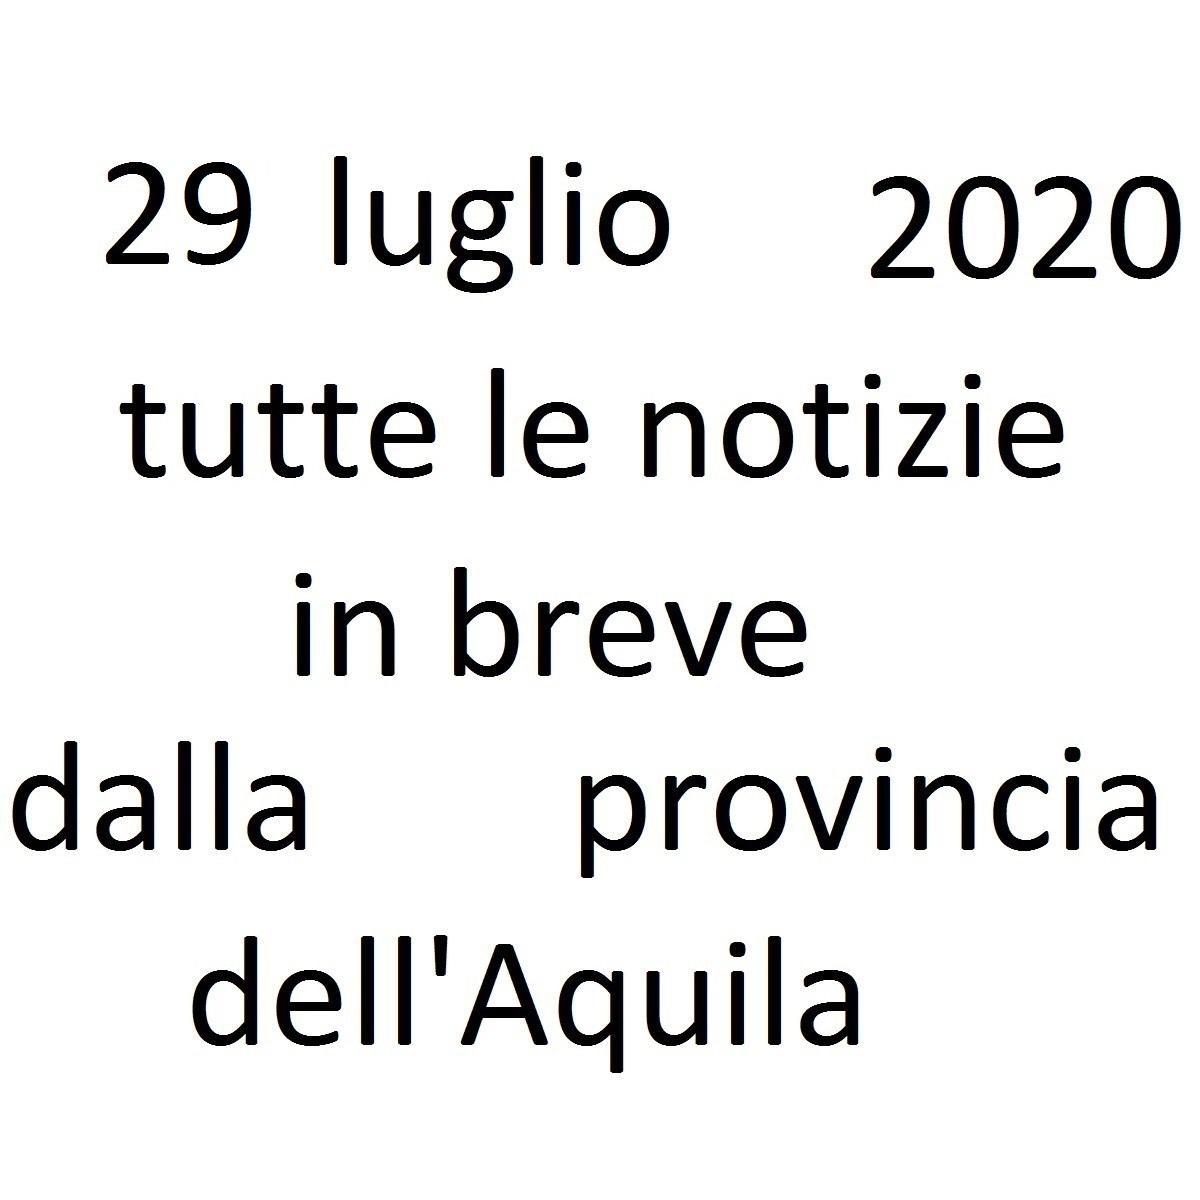 29 luglio 2020 notizie in breve dalla Provincia dell'Aquila foto